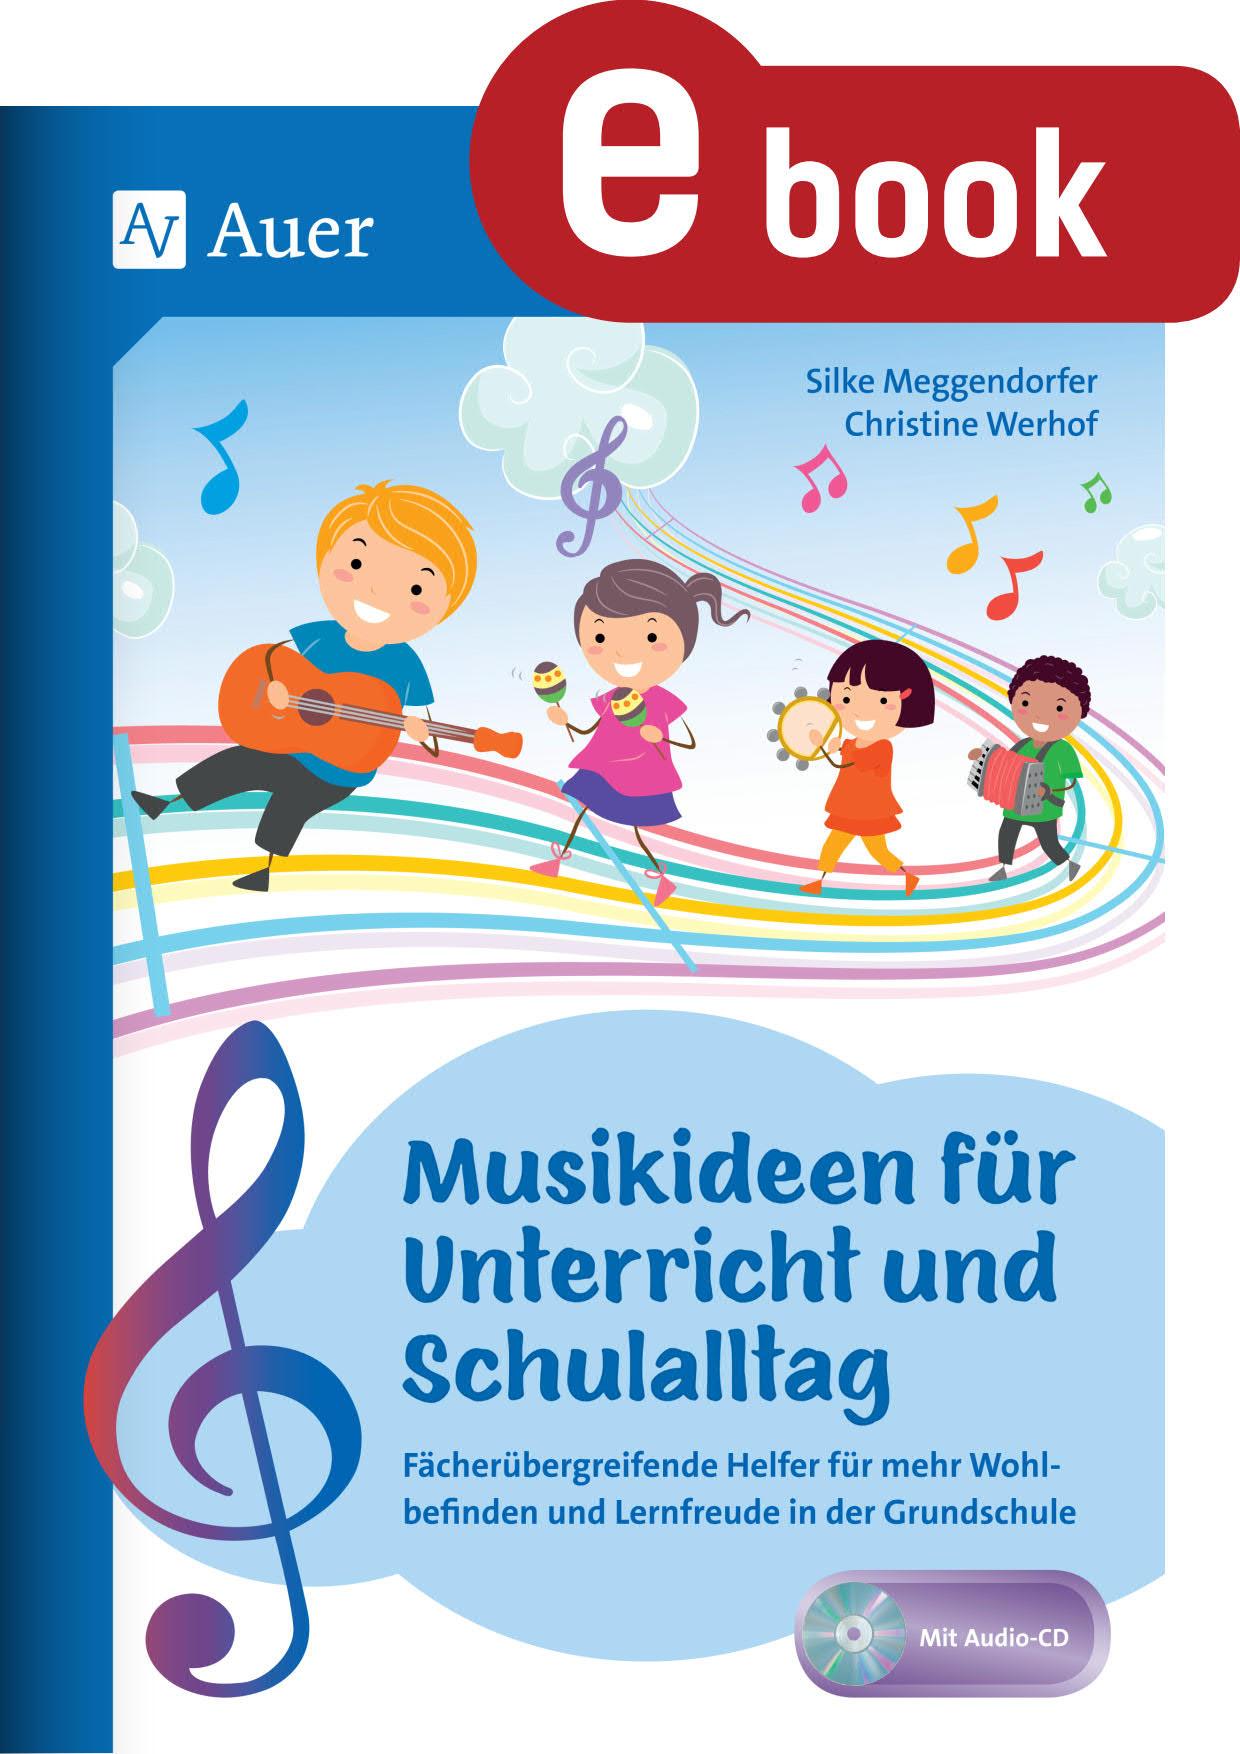 Musikideen für Unterricht und Schulalltag